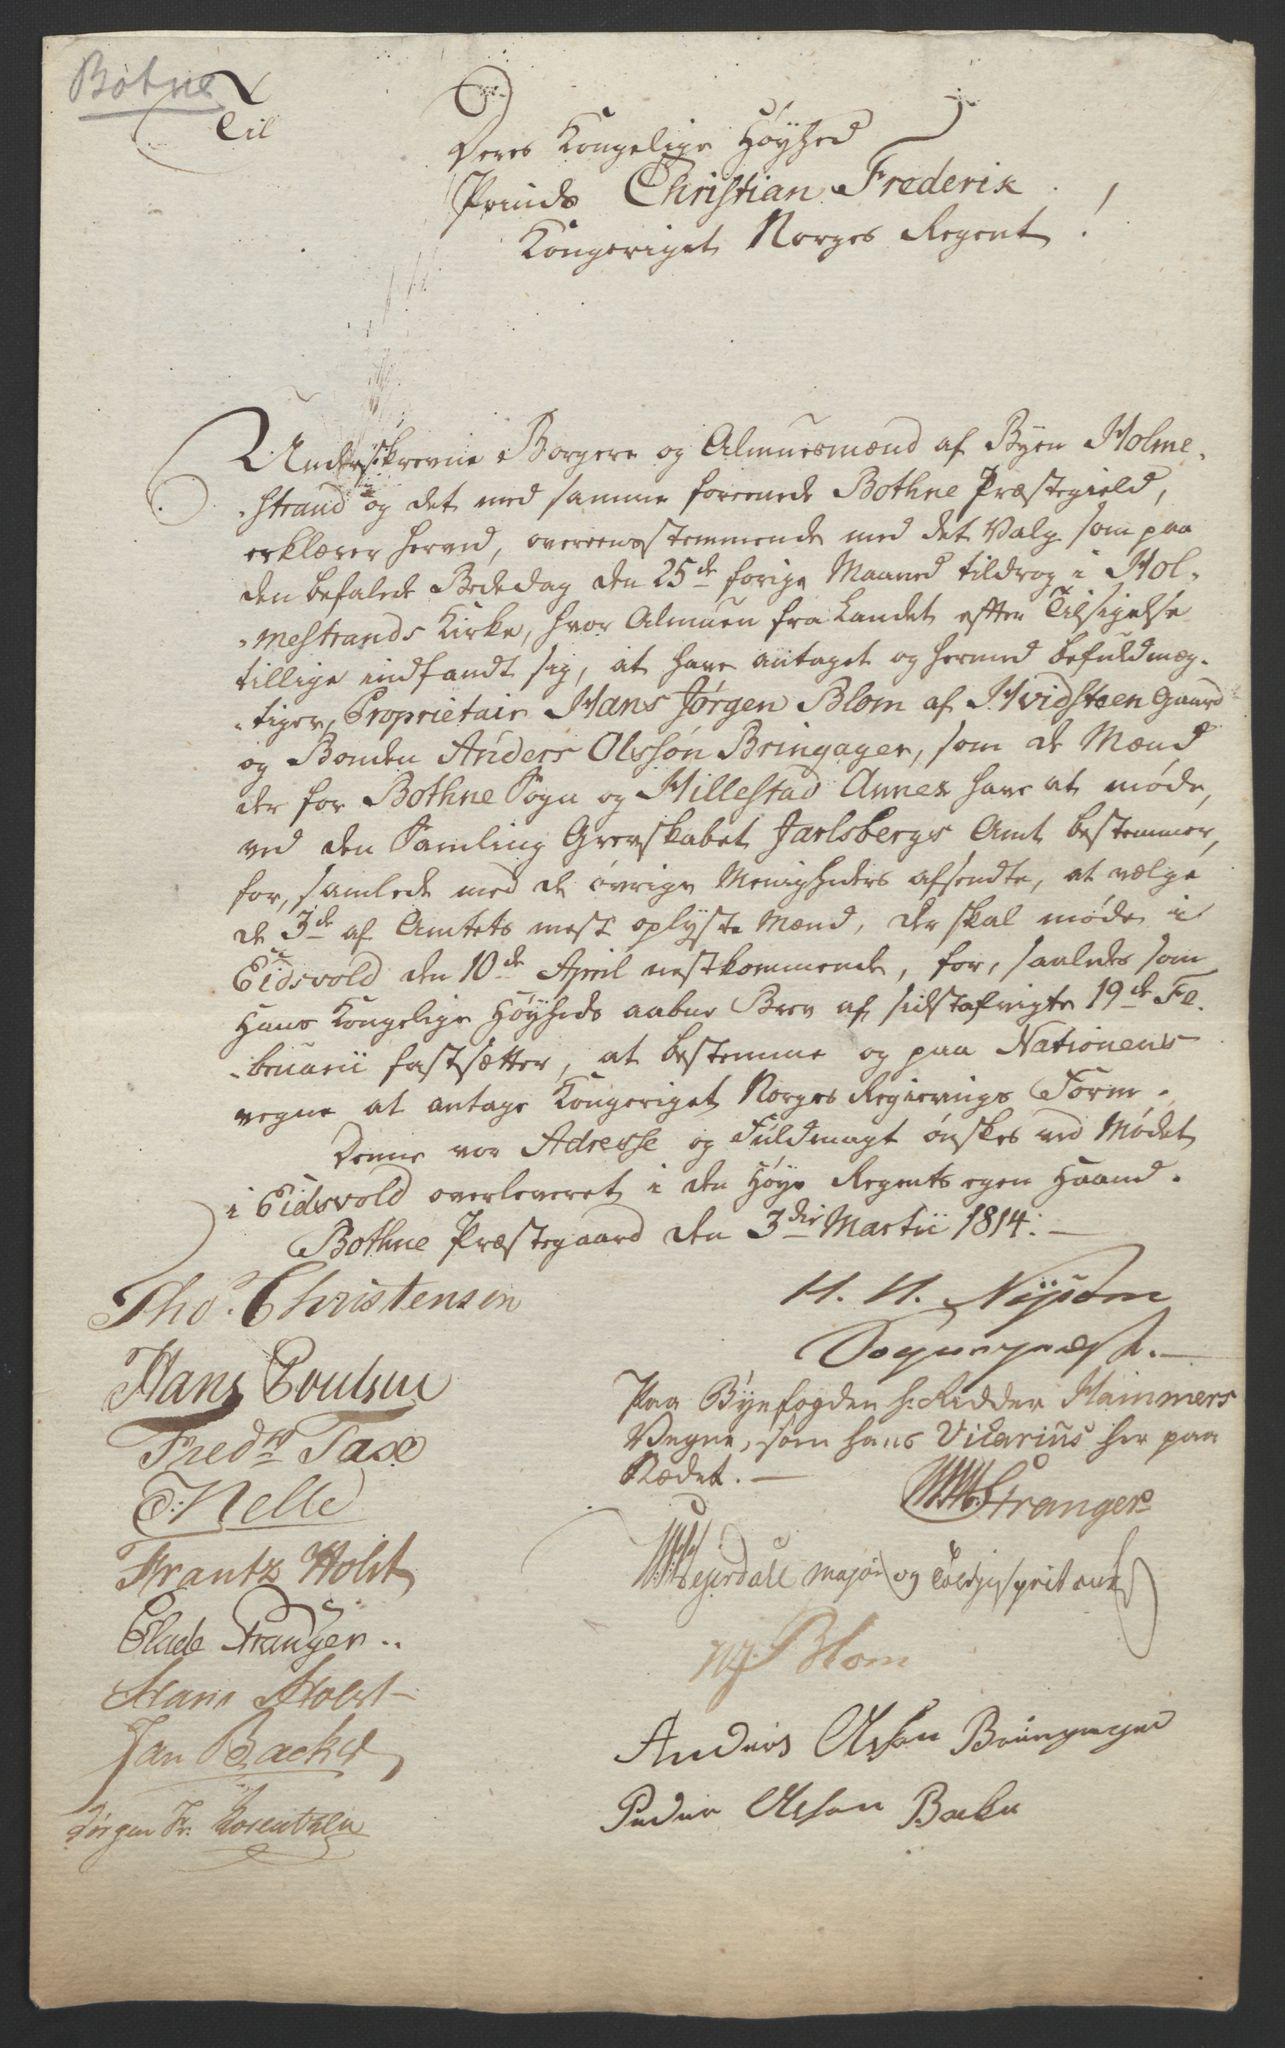 RA, Statsrådssekretariatet, D/Db/L0008: Fullmakter for Eidsvollsrepresentantene i 1814. , 1814, s. 8